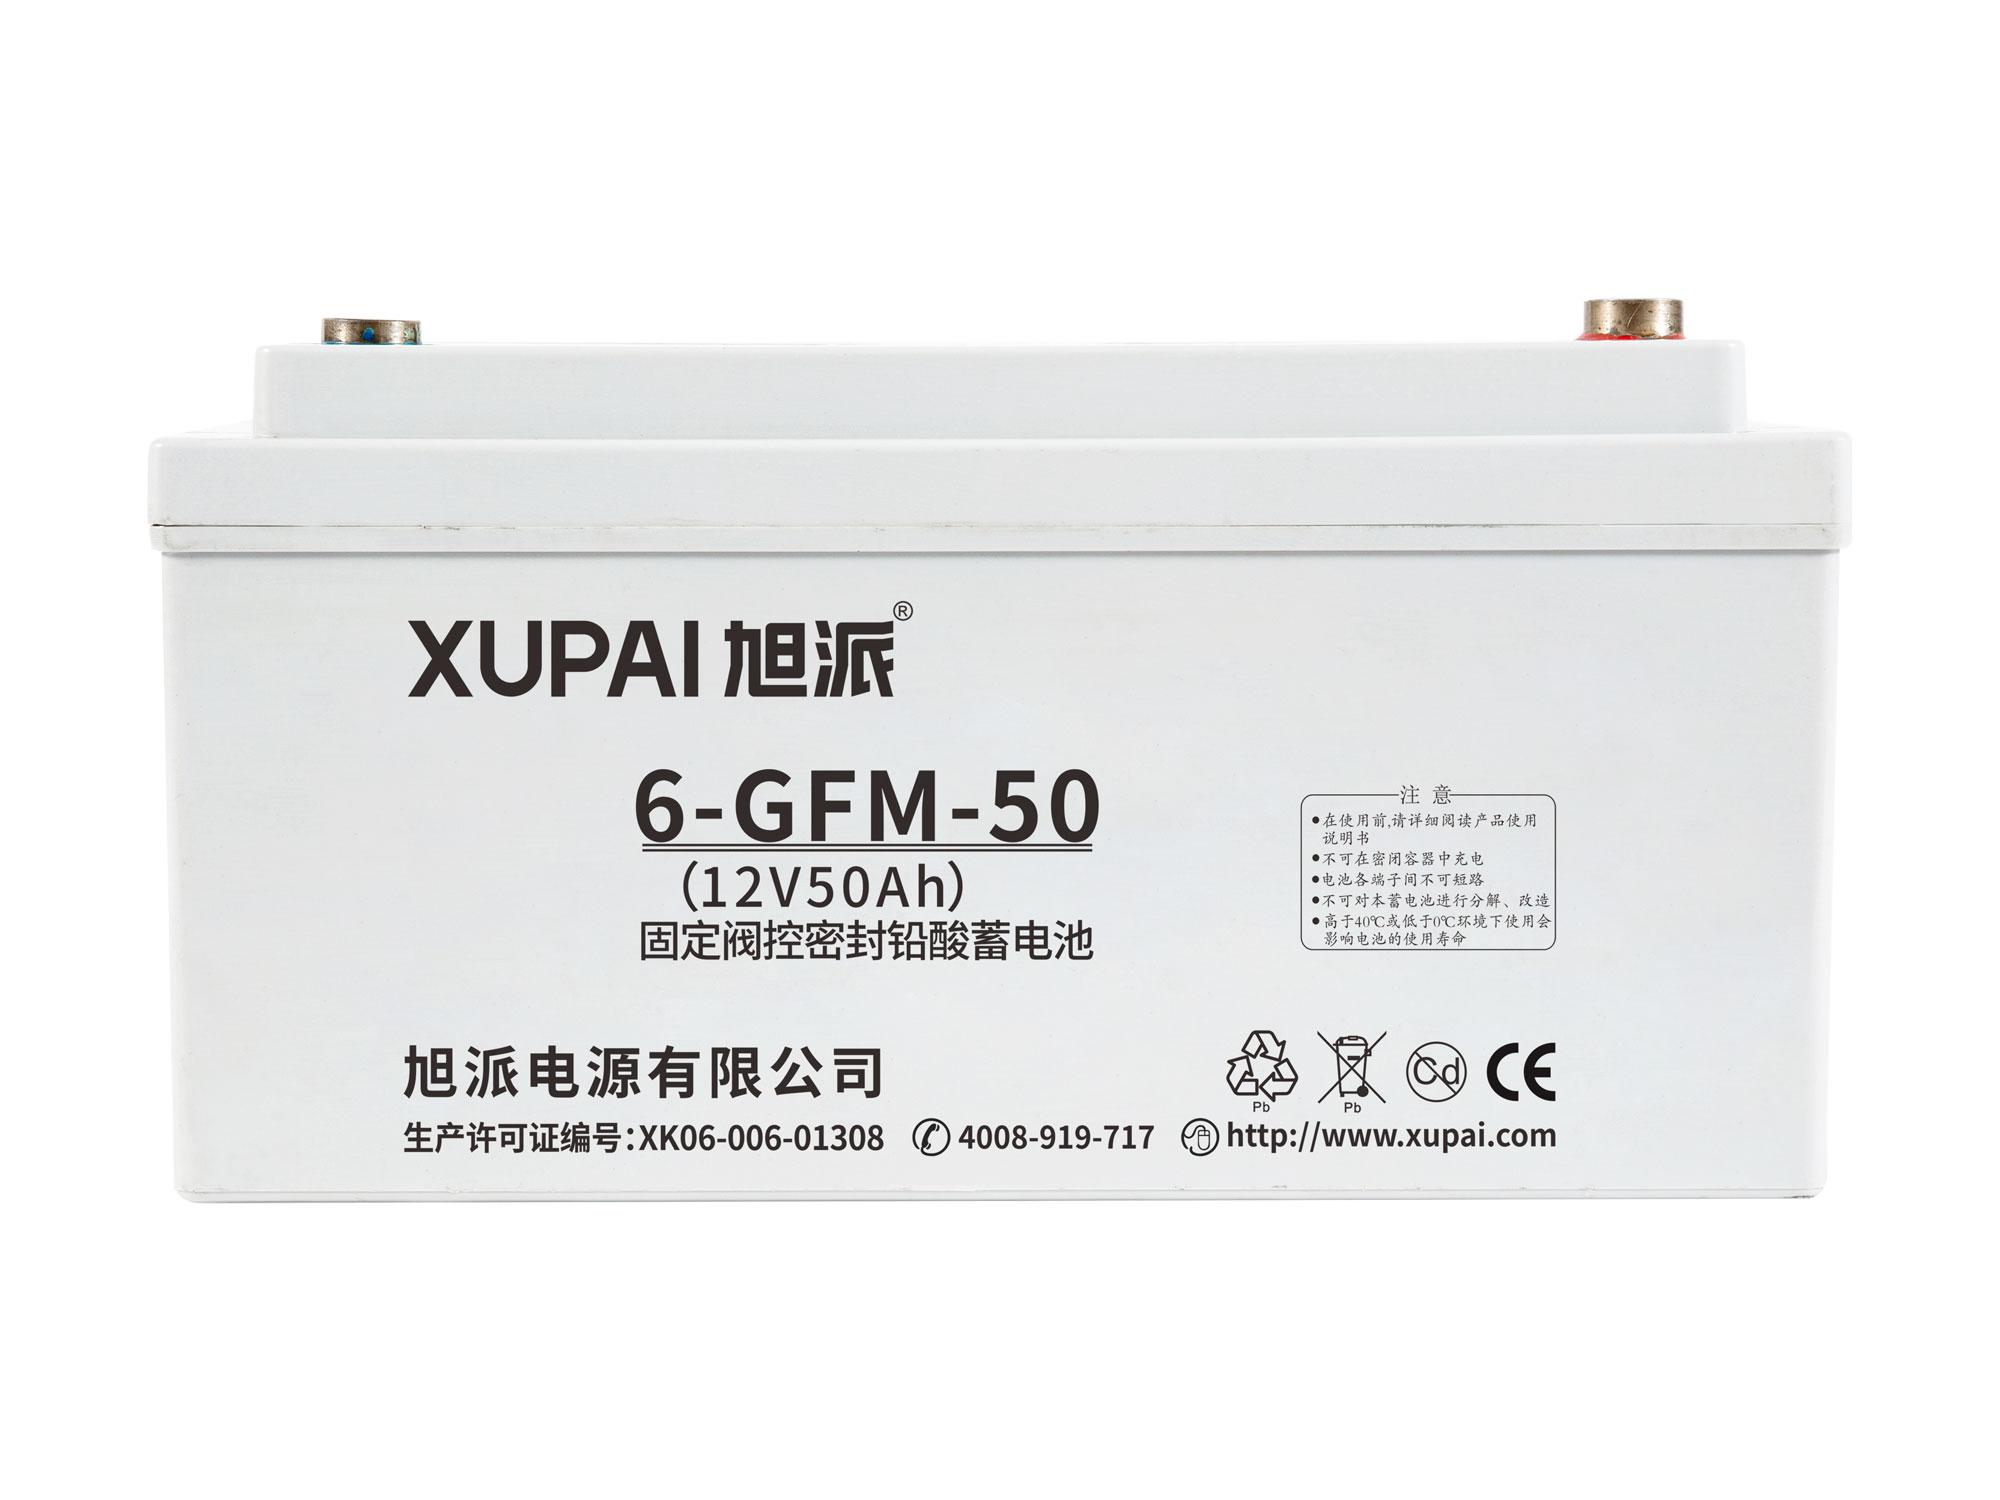 6-gfm-50